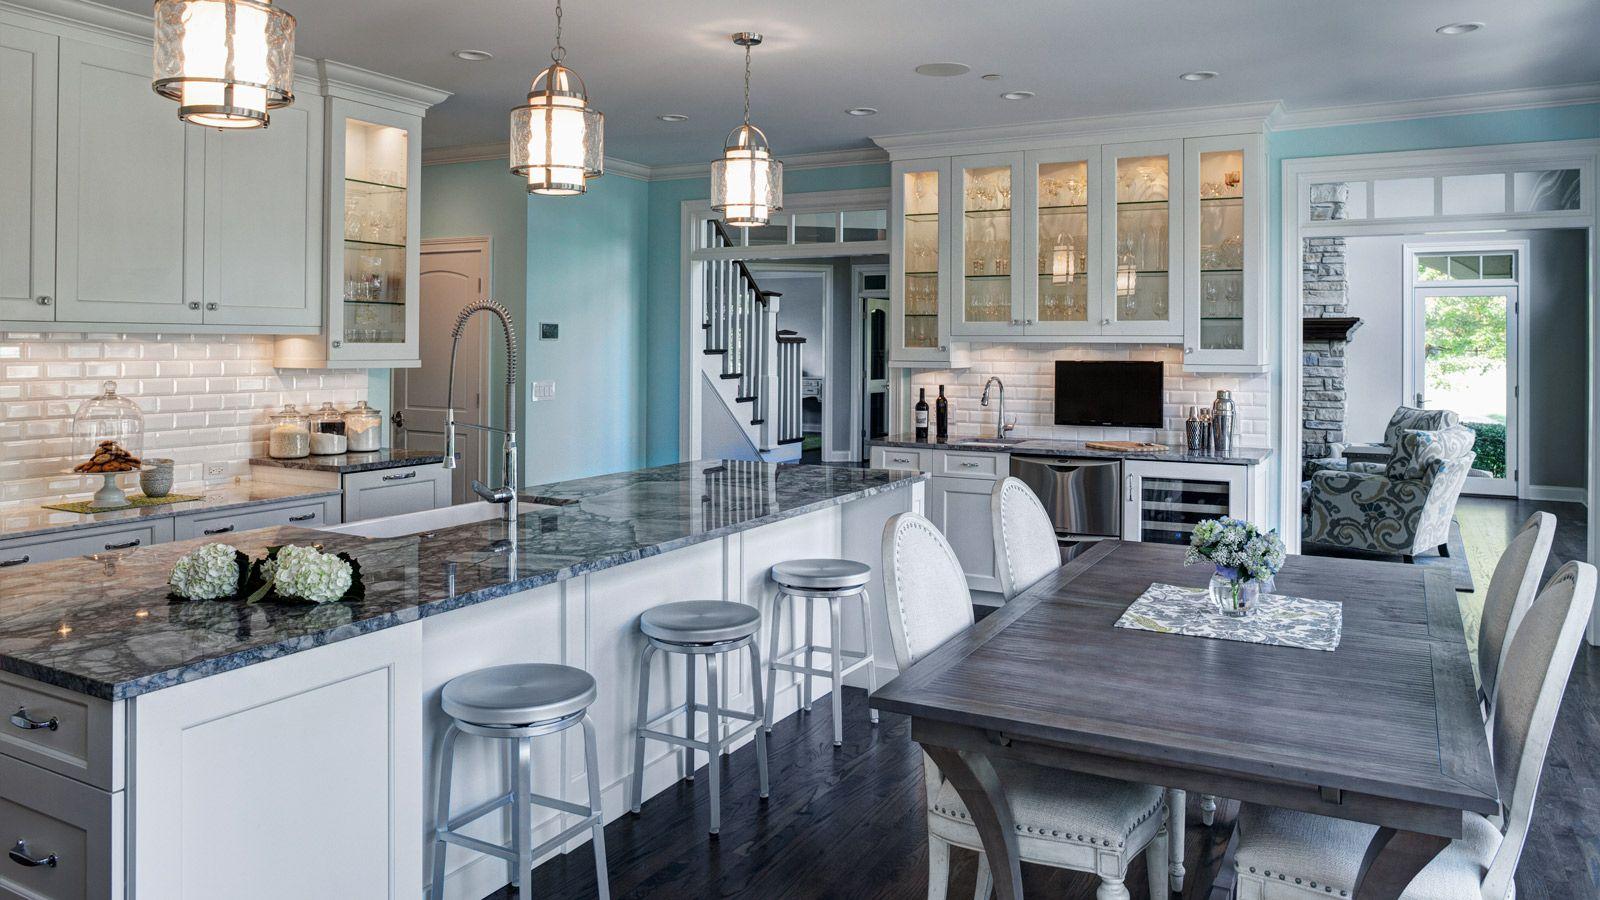 Fresh & Traditional Aurora Kitchen Remodel - Drury Design | Cabinet ...